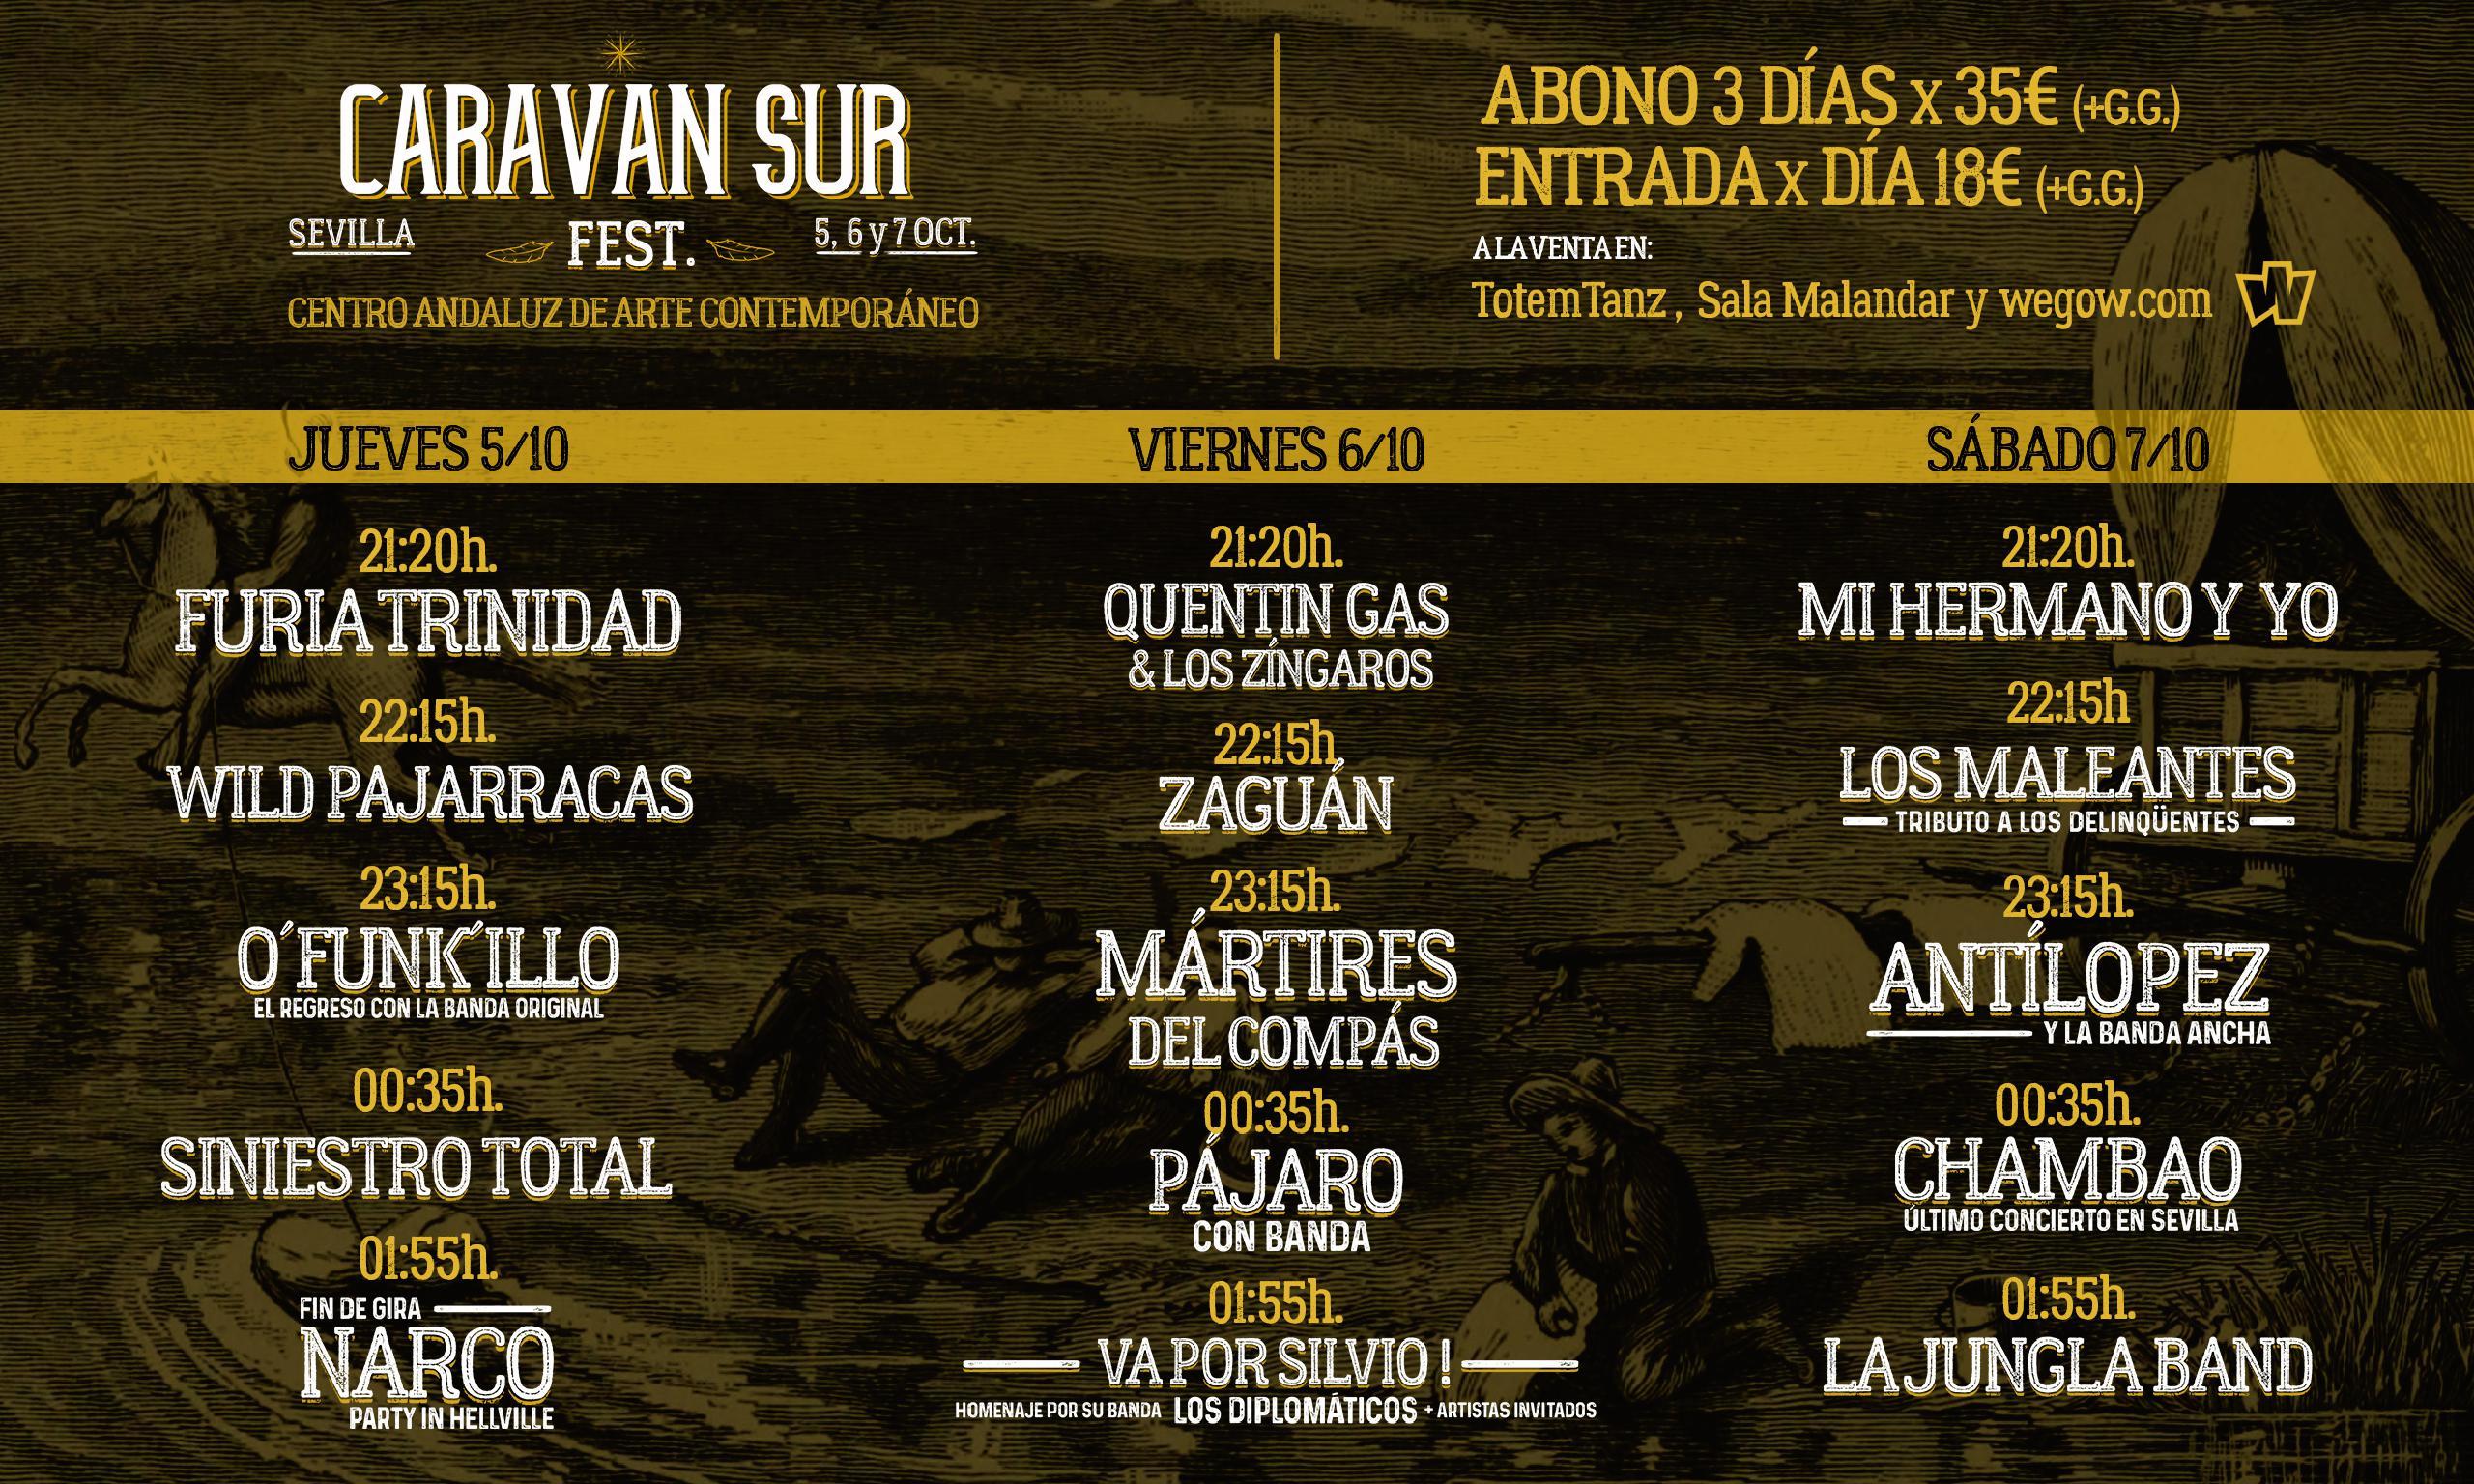 Caravan sur fest. Sevilla 5, 6 y 7 Octubre. En el Centro Andaluz de Arte contemporáneo